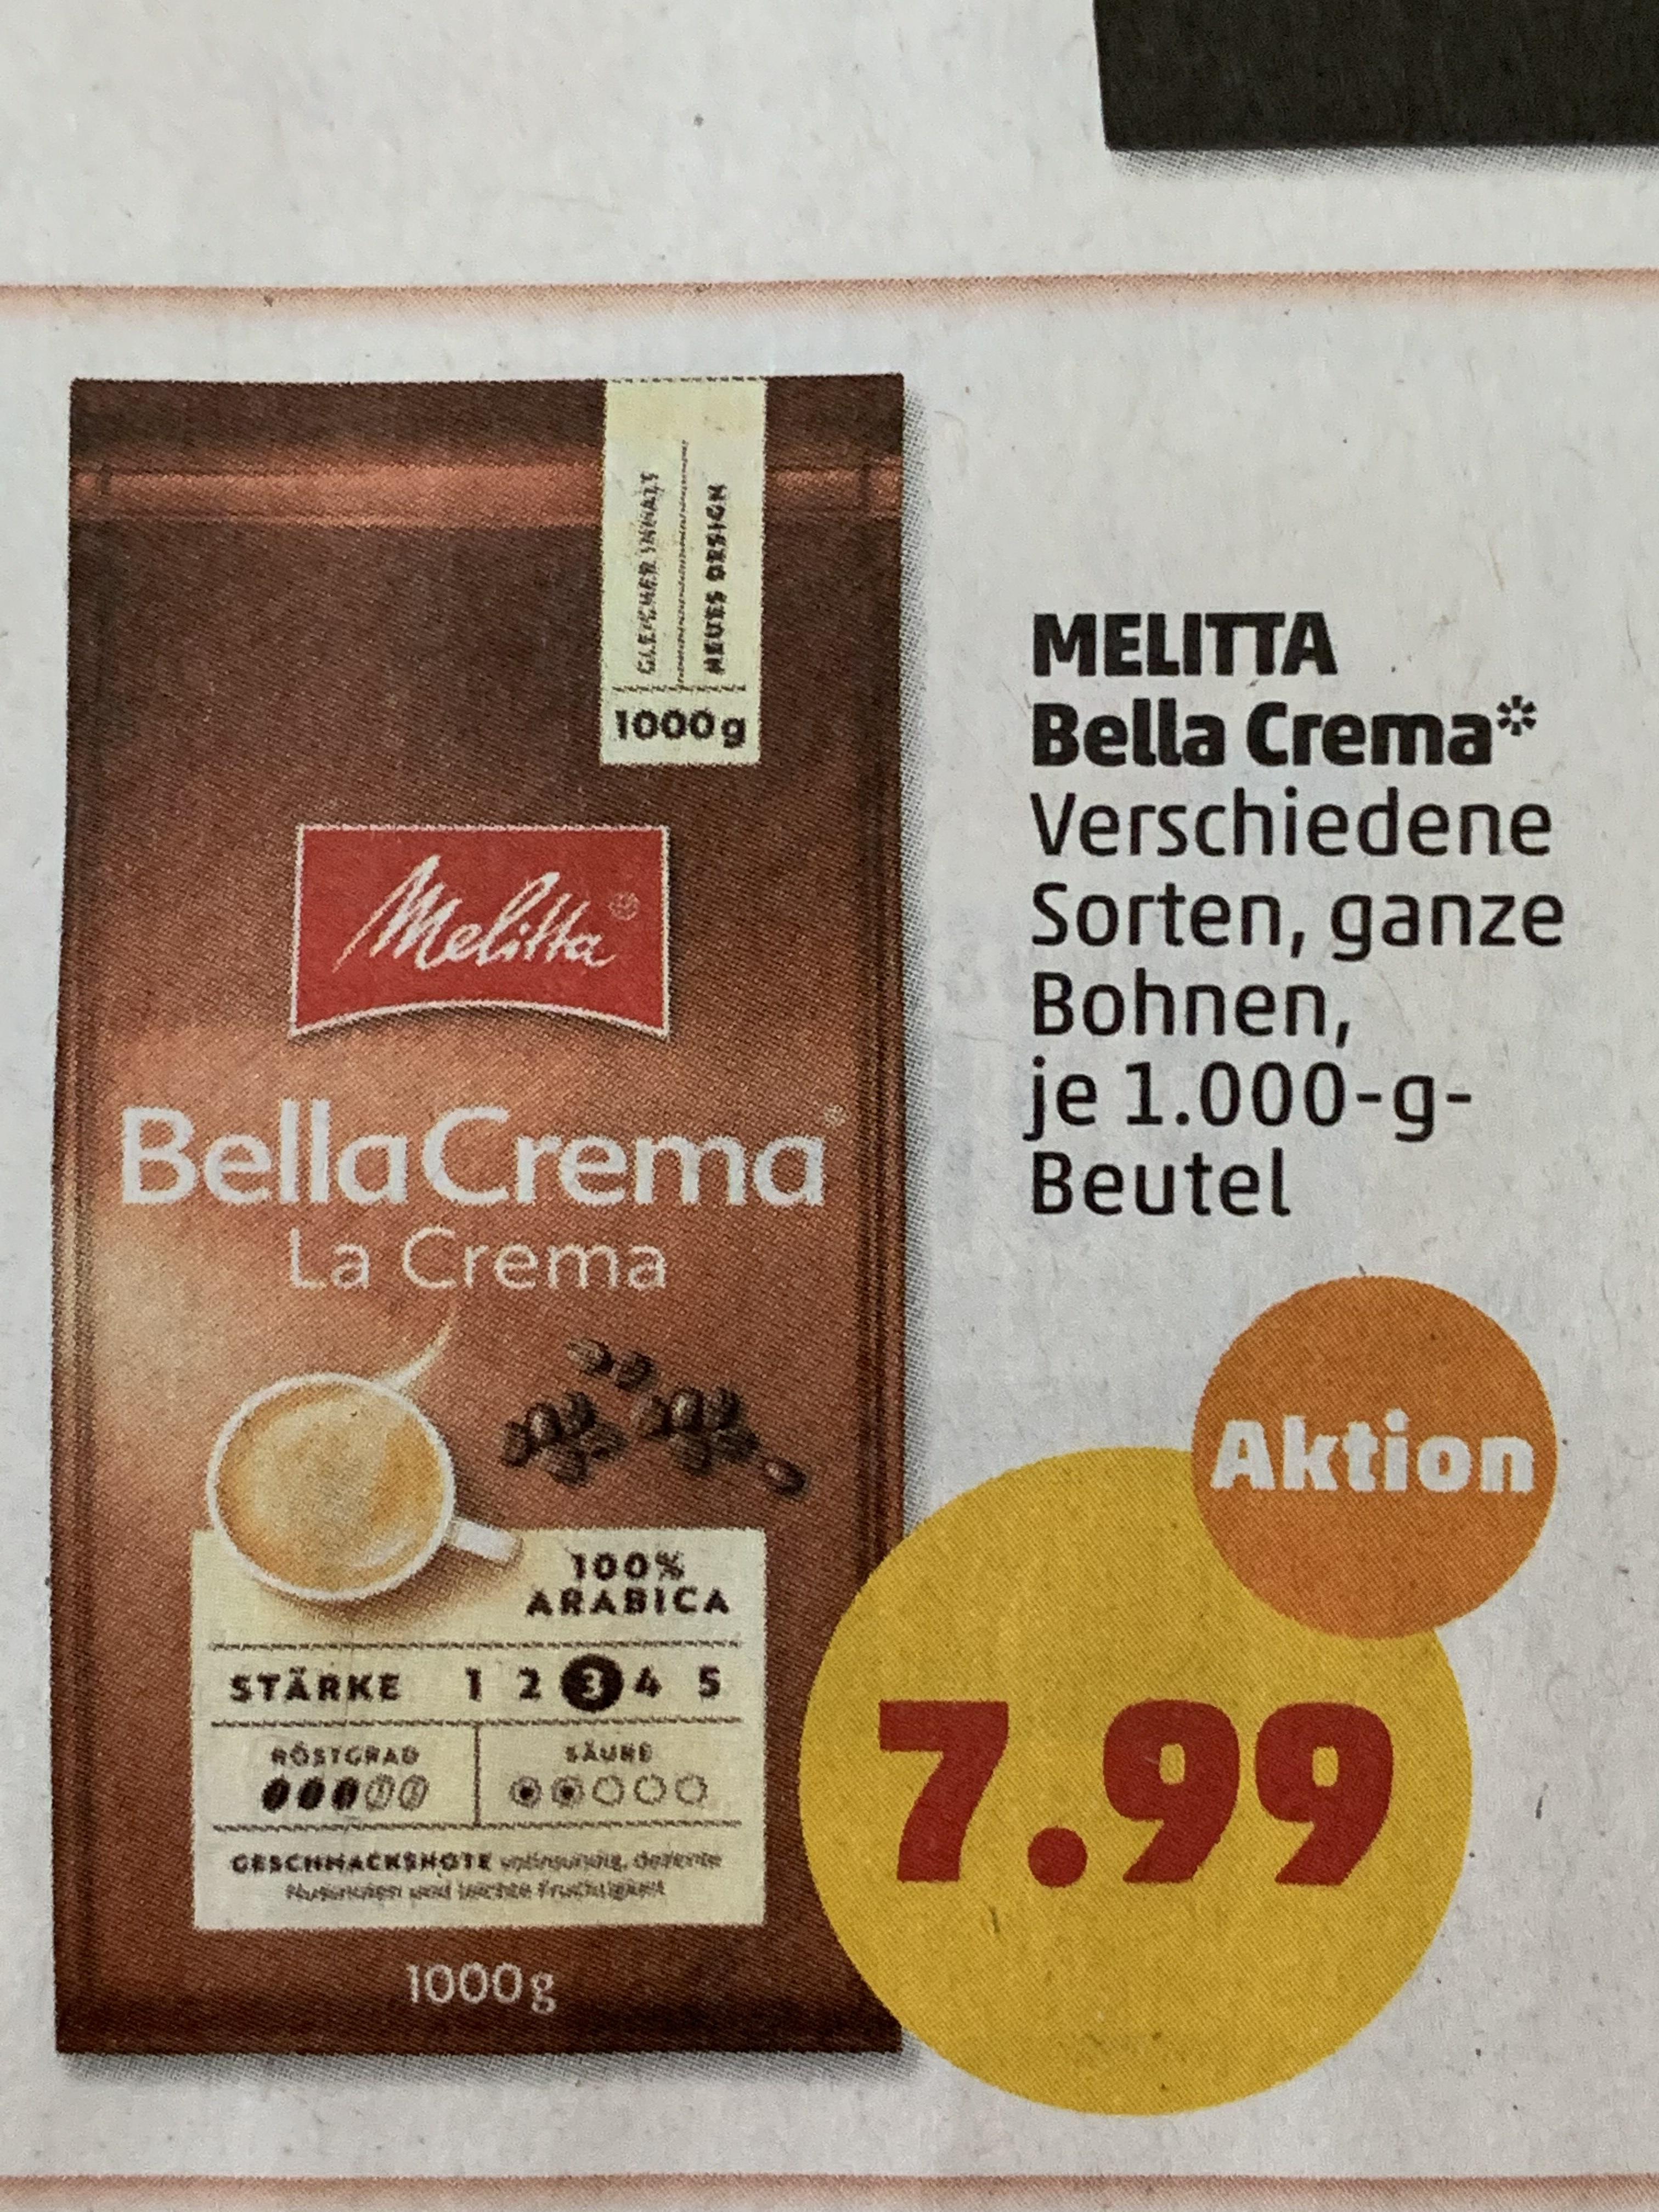 Melitta Bella Crema Espressokaffee, 100% Arabica, 1kg, ab Montag bei Penny für 7,99€